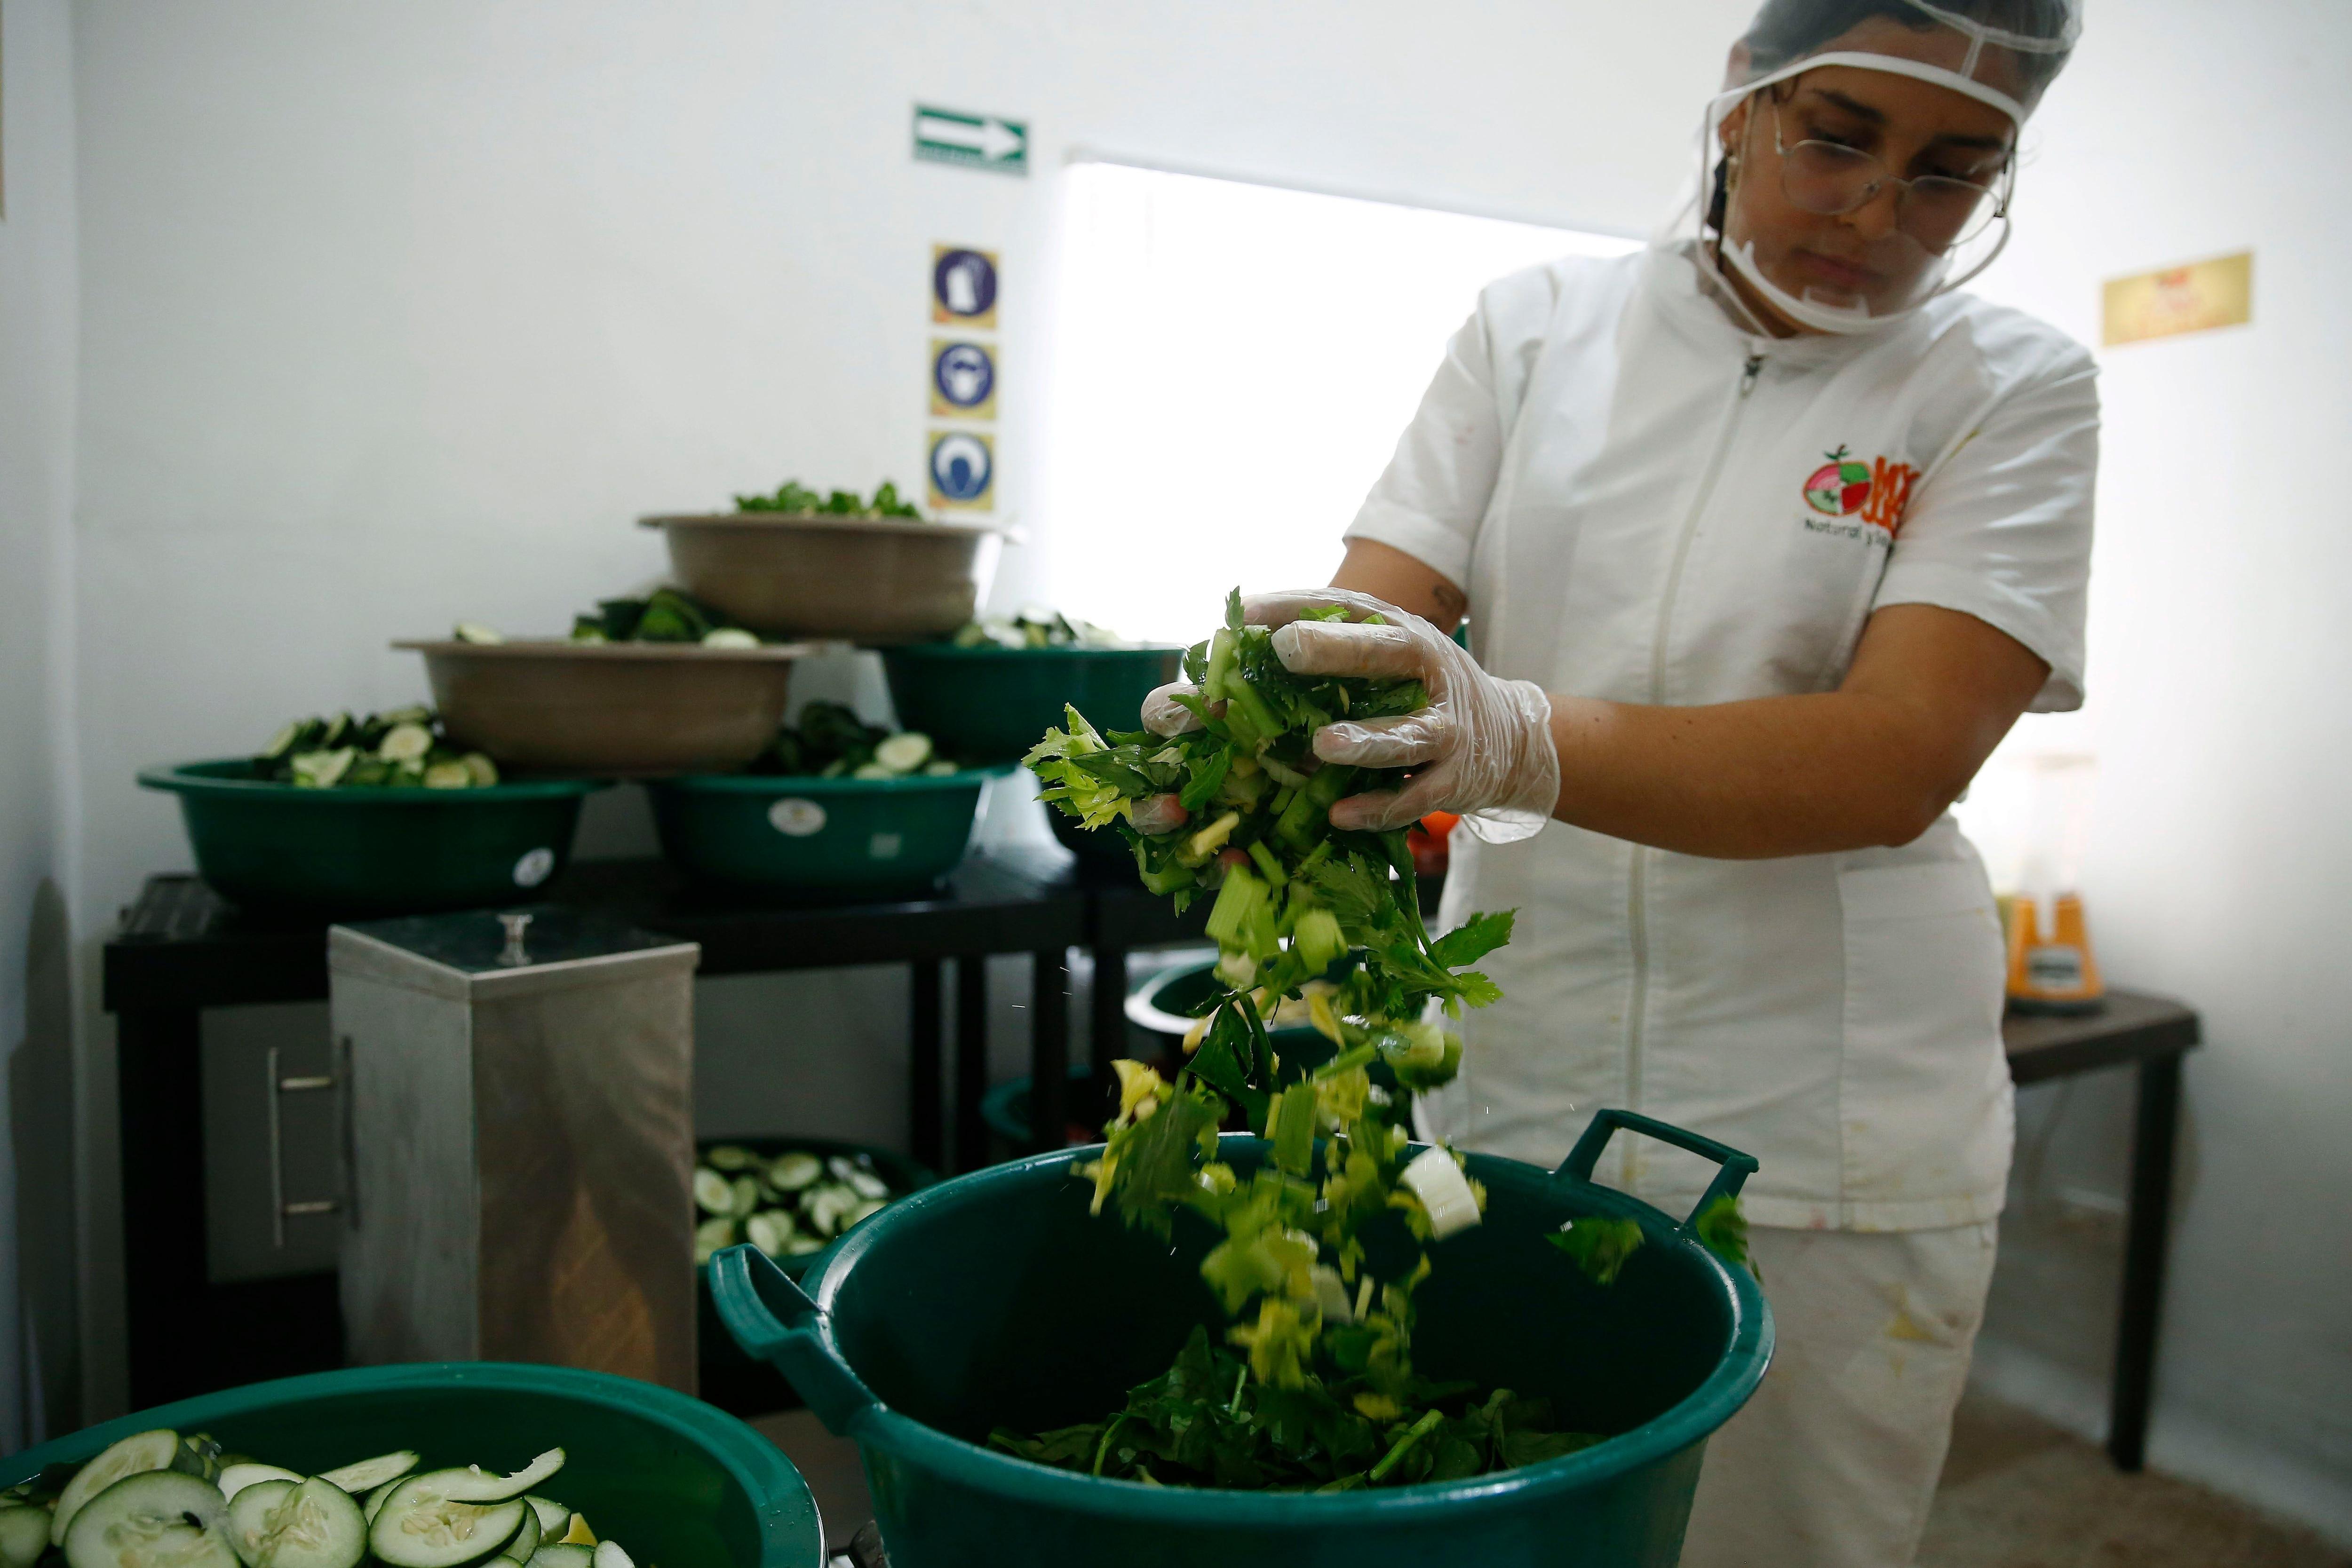 La encuesta reveló que las empresas que generaban más de dos empleos tuvieron que reducir su fuerza laboral en un 44 %. EFE/Luis Eduardo Noriega A.